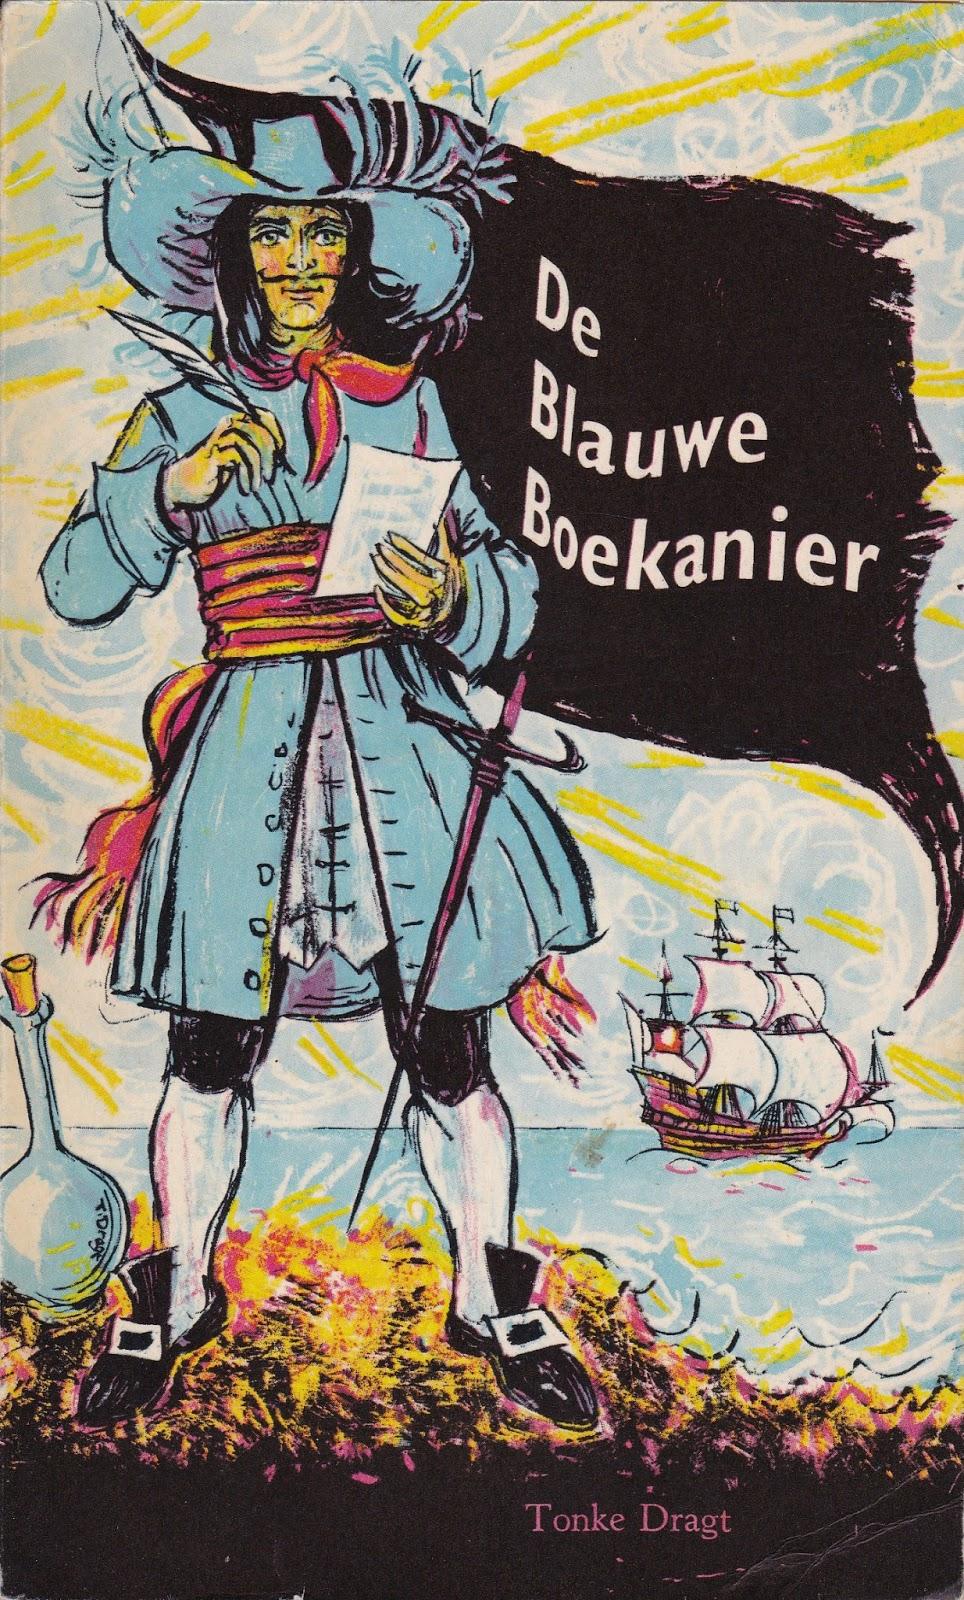 De Boekanier [1938]